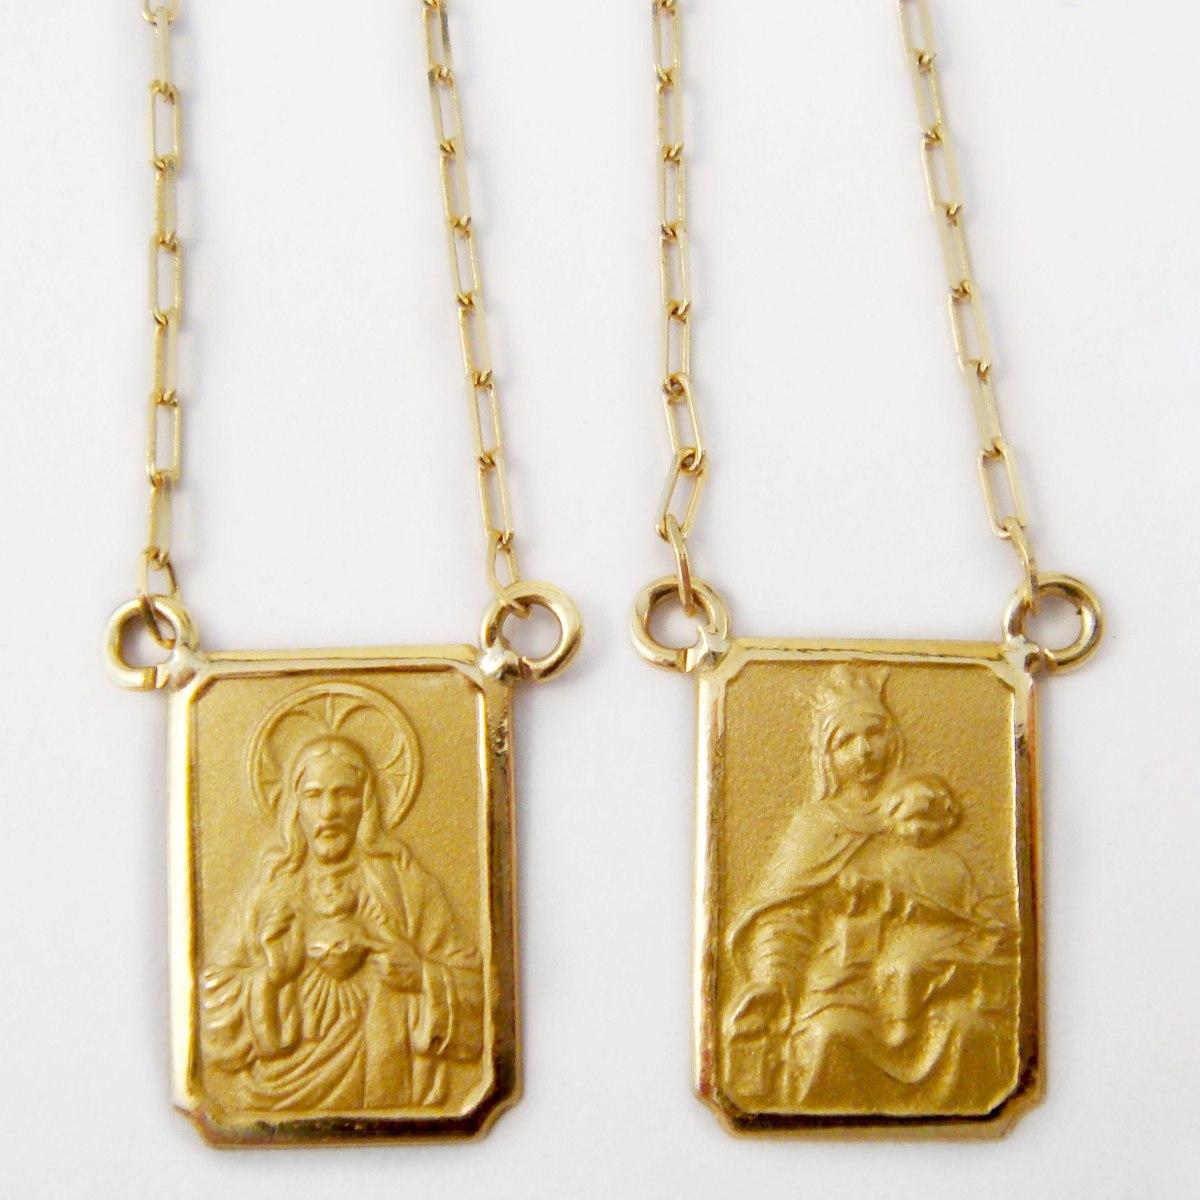 escapulário jesus cristo nossa senhora do carmo em ouro 18k. Carregando  zoom. f27a90b23b